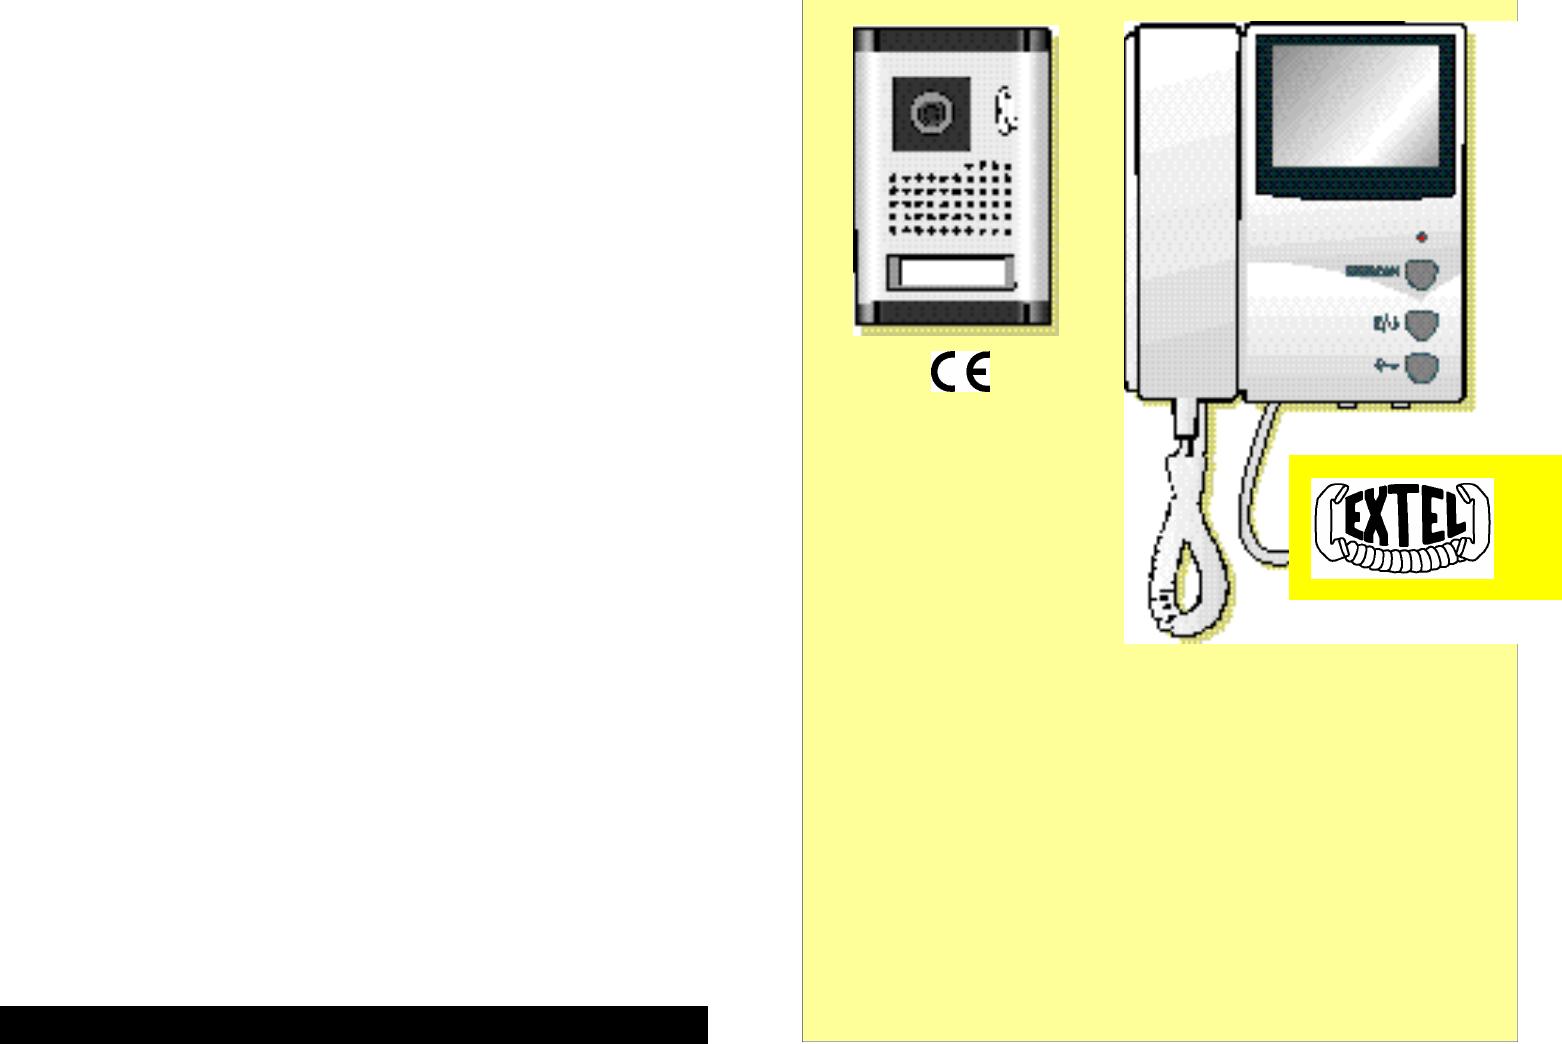 Extel VP 230 E manual